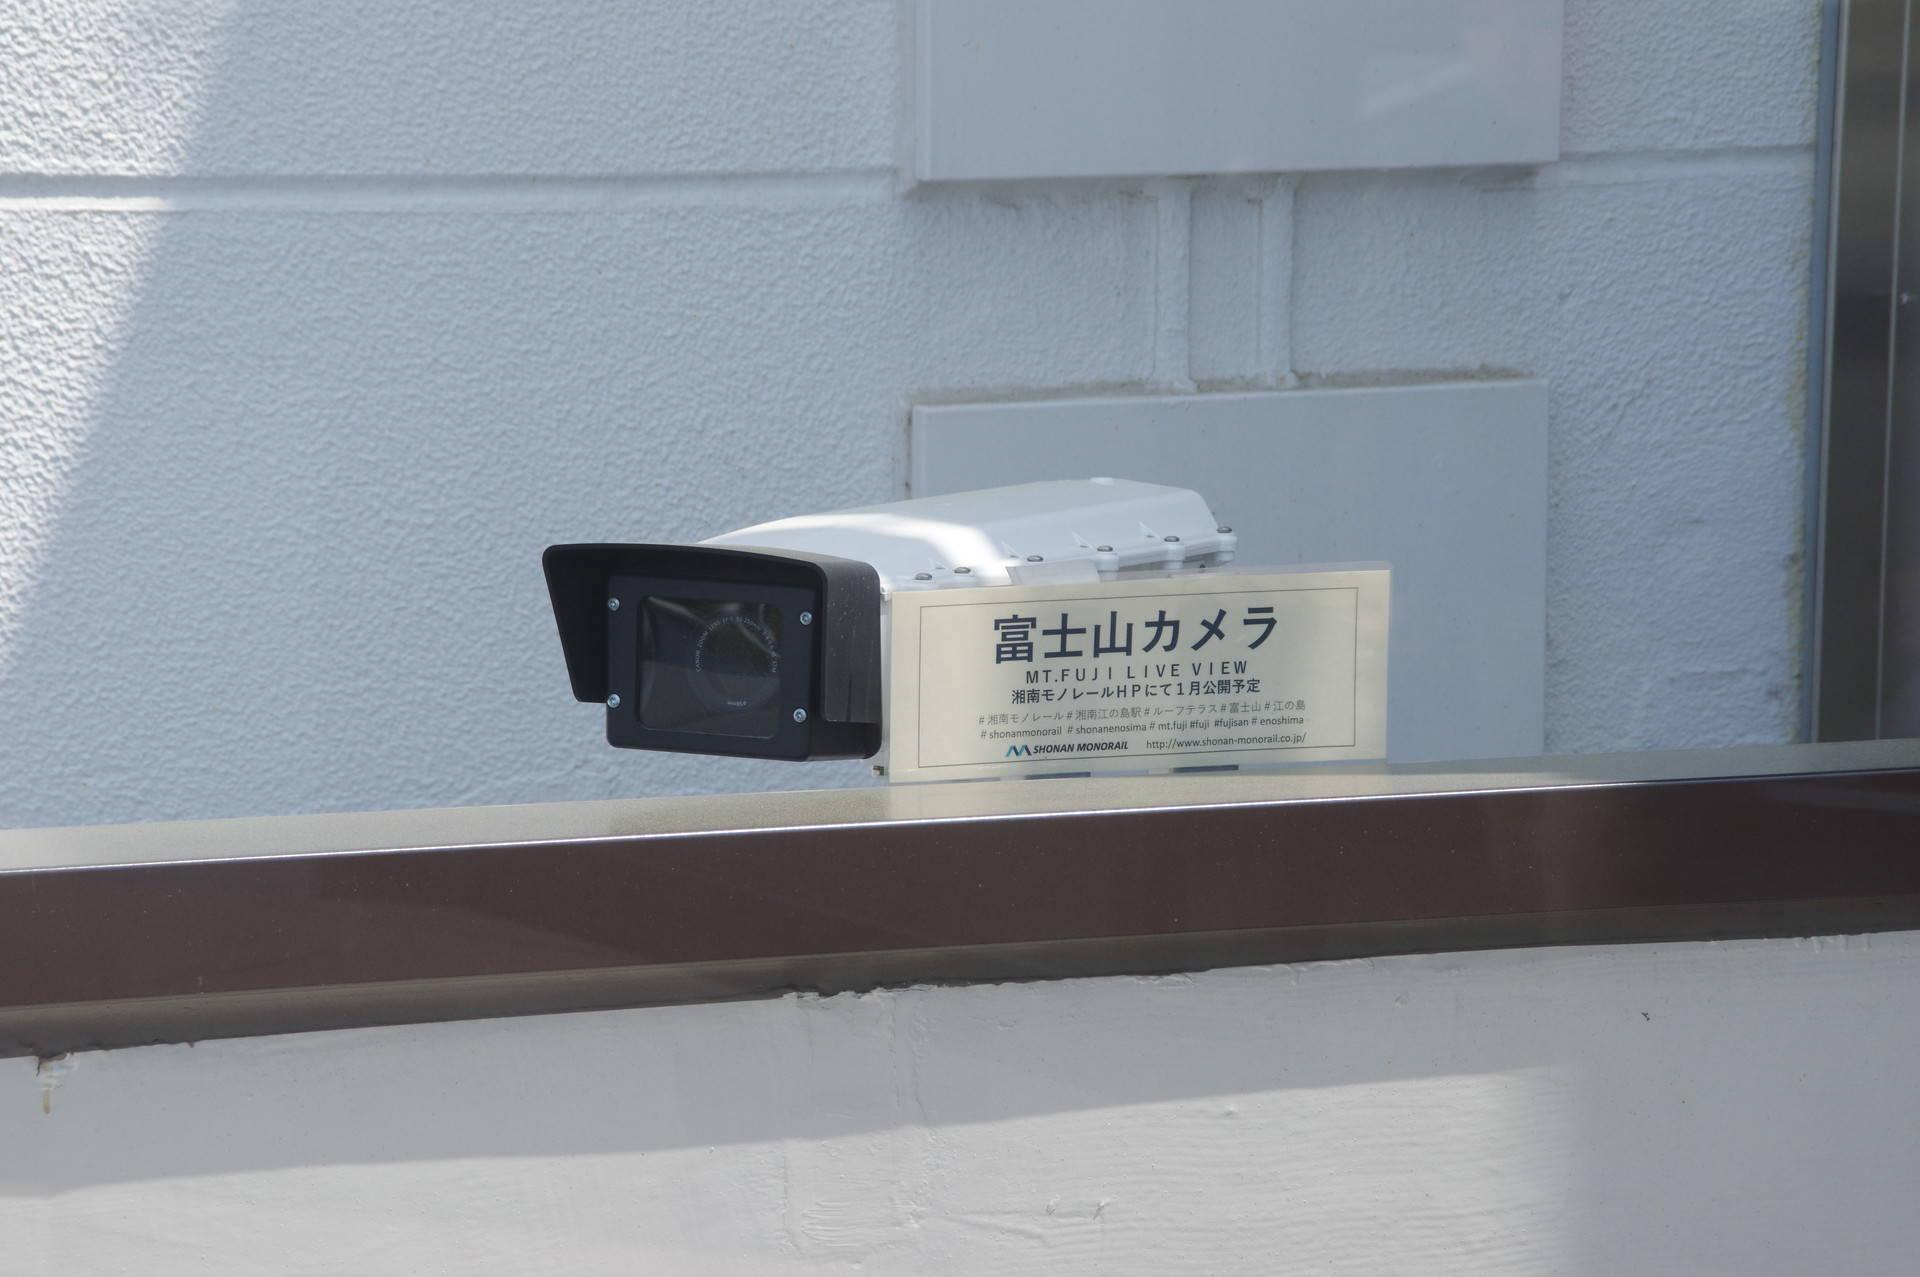 ネット配信用の富士山カメラ